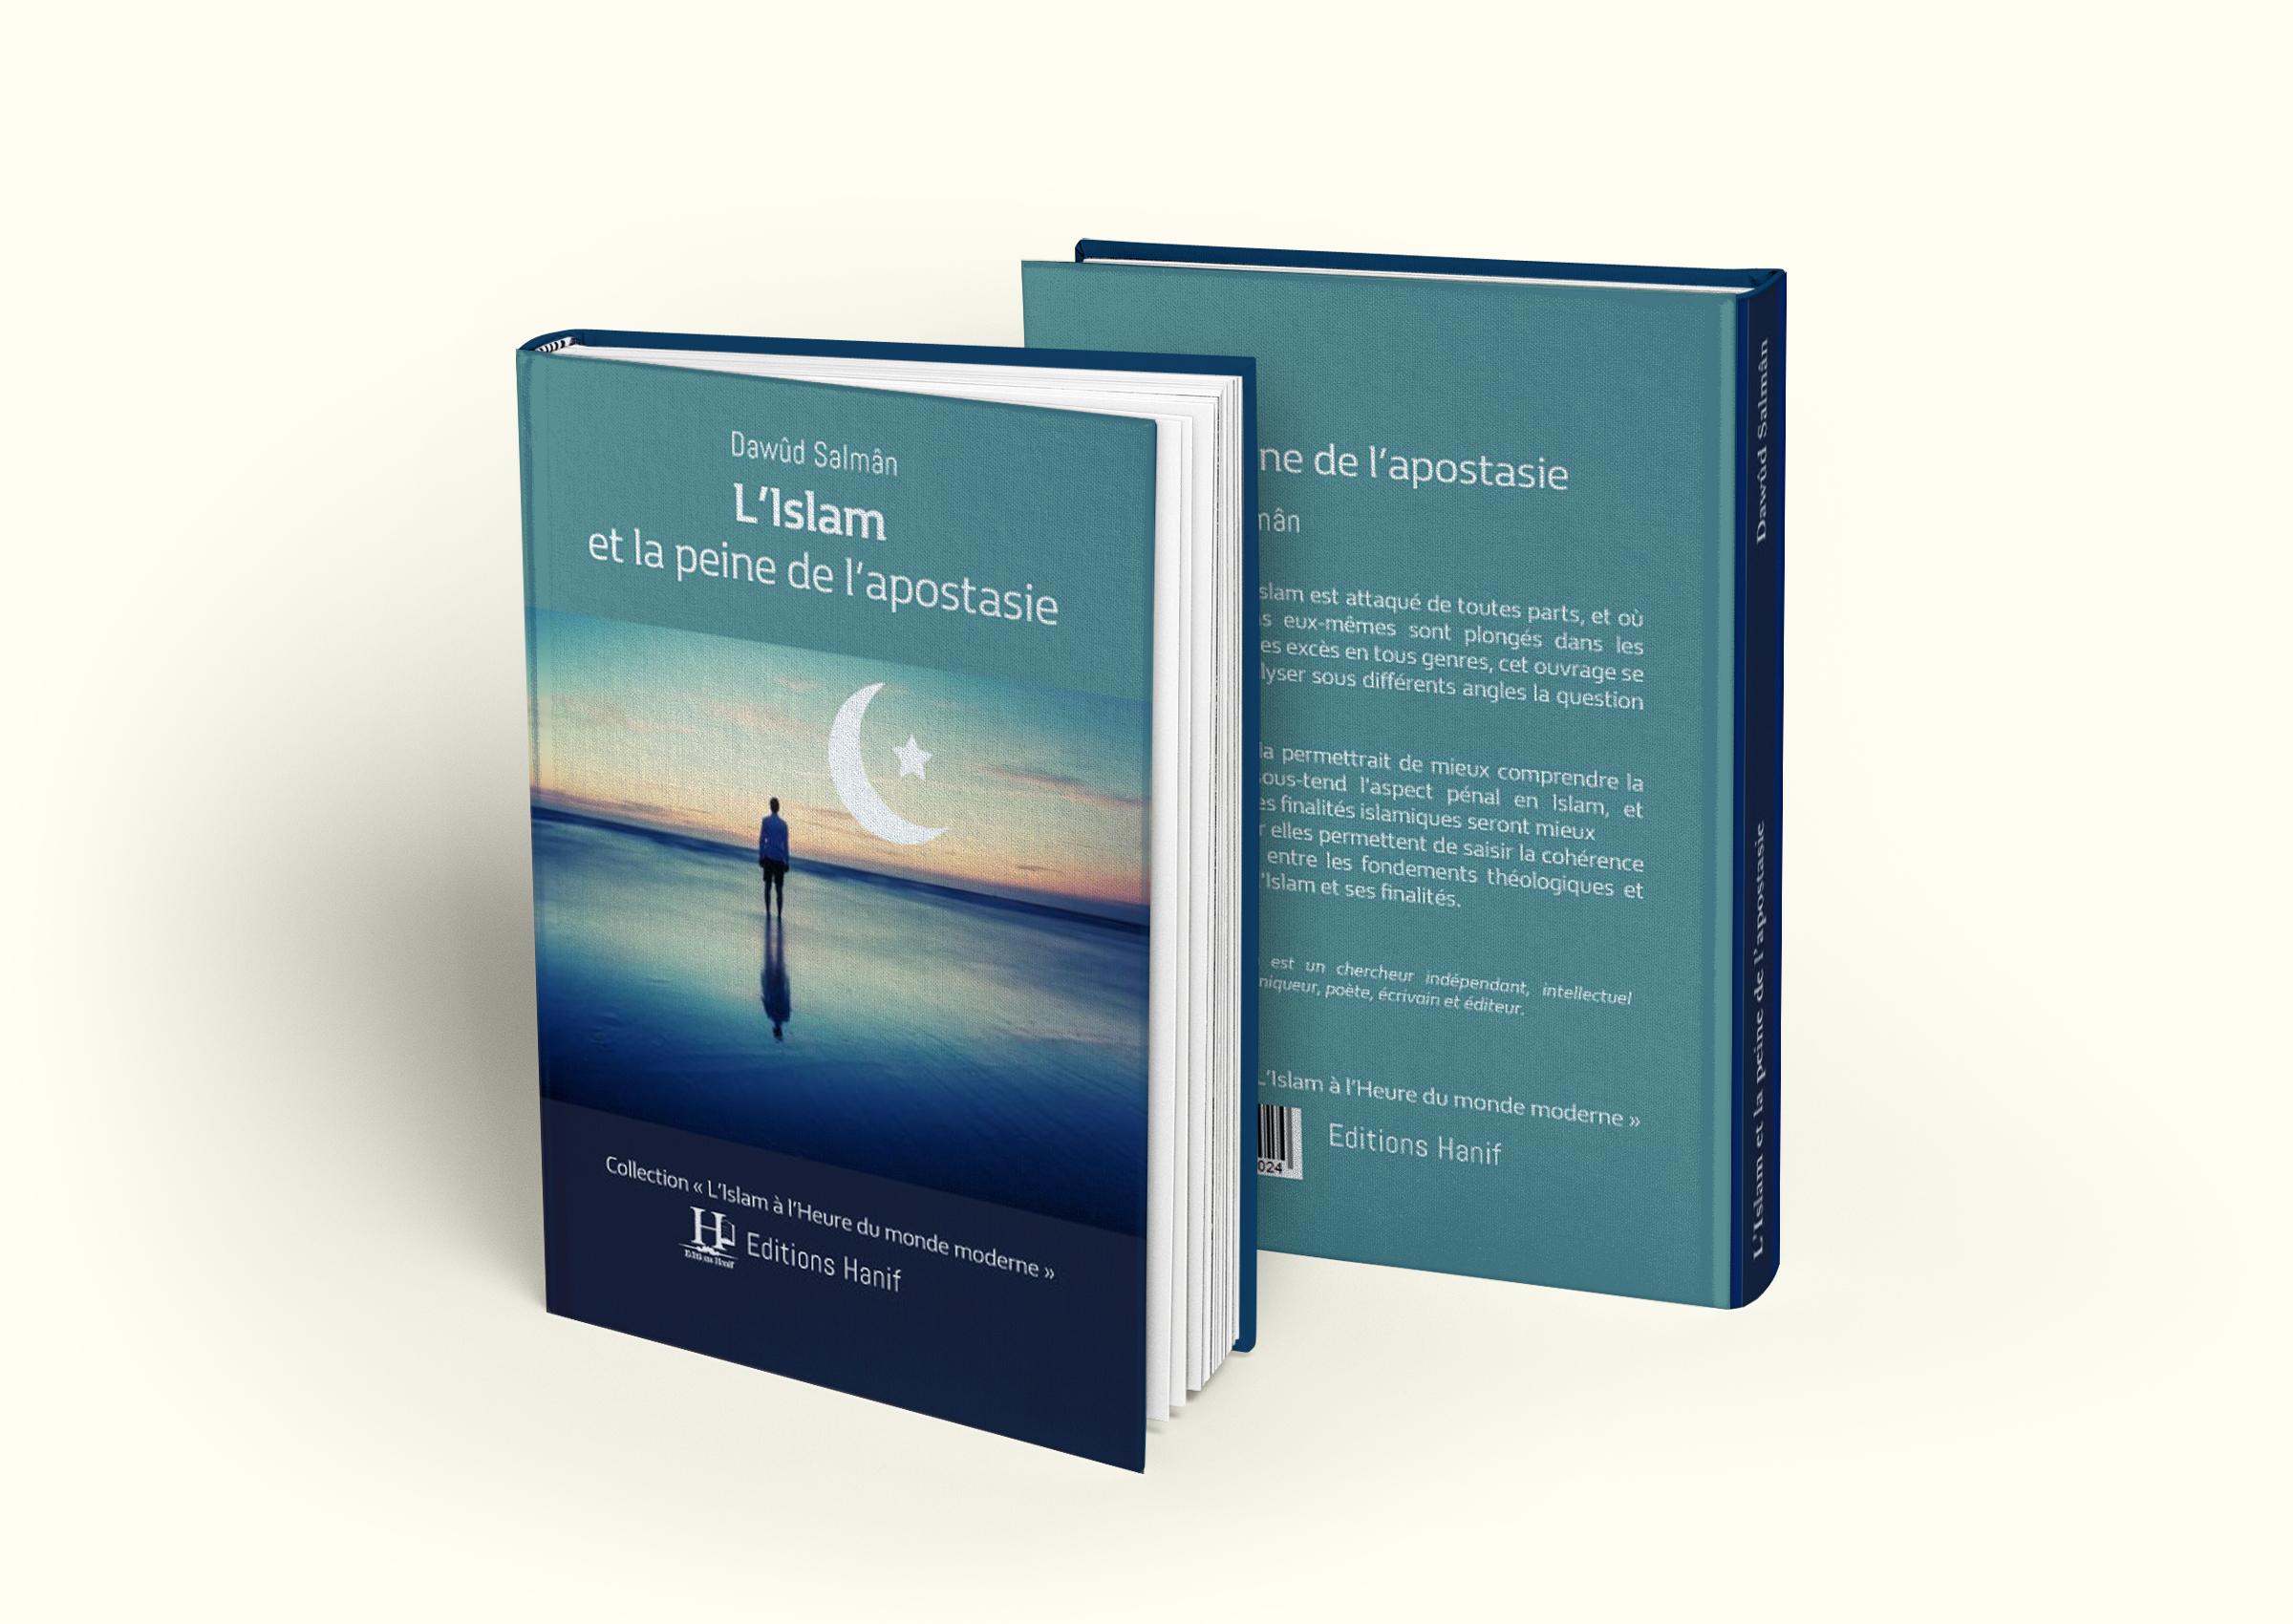 """Livre """"L'Islam et la peine de l'apostasie"""", de Dawûd Salmân"""